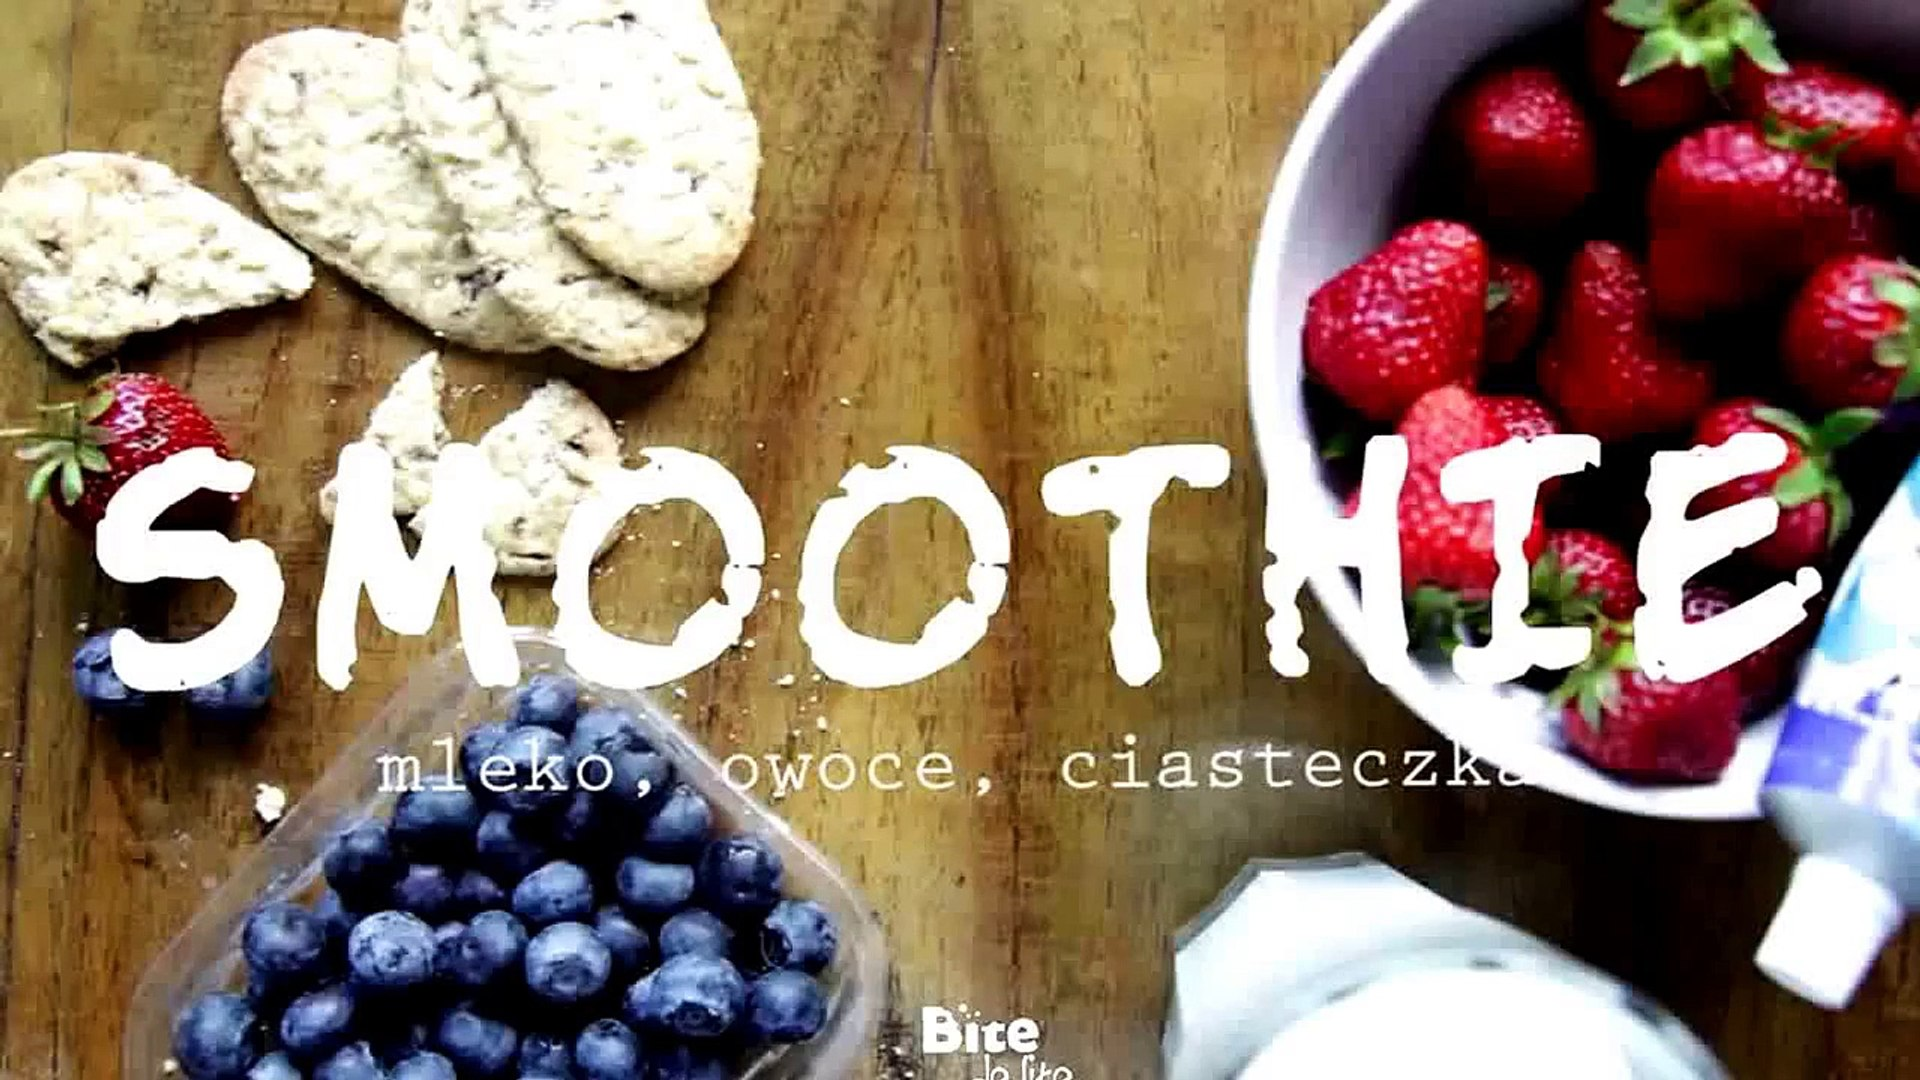 Fruit Smoothie Recipes - Berry Smoothie Recipes